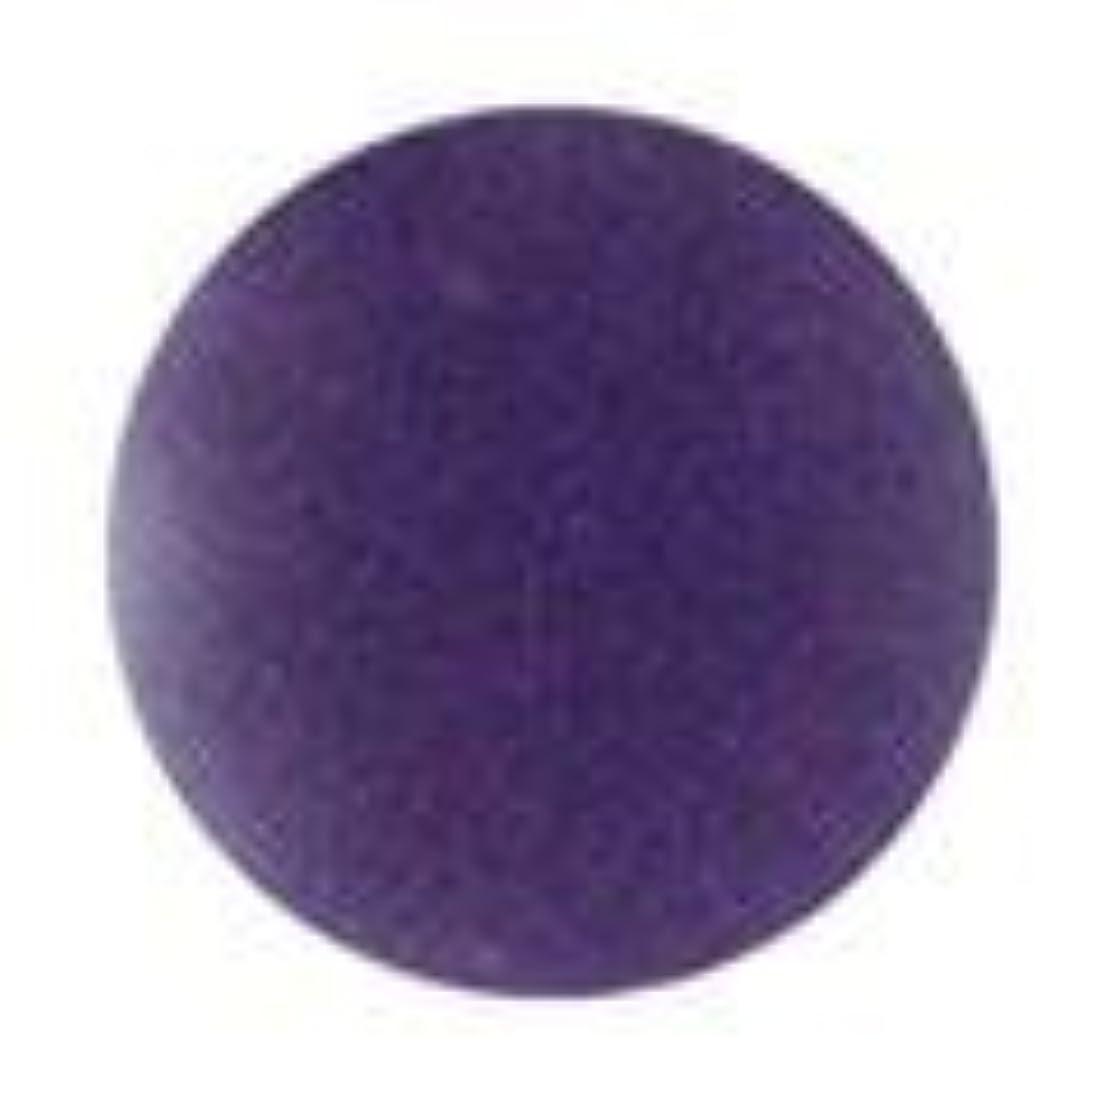 シャワー列挙する掻くJessica ジェレレーション カラー 15ml  529 ビーナスワズハーネーム